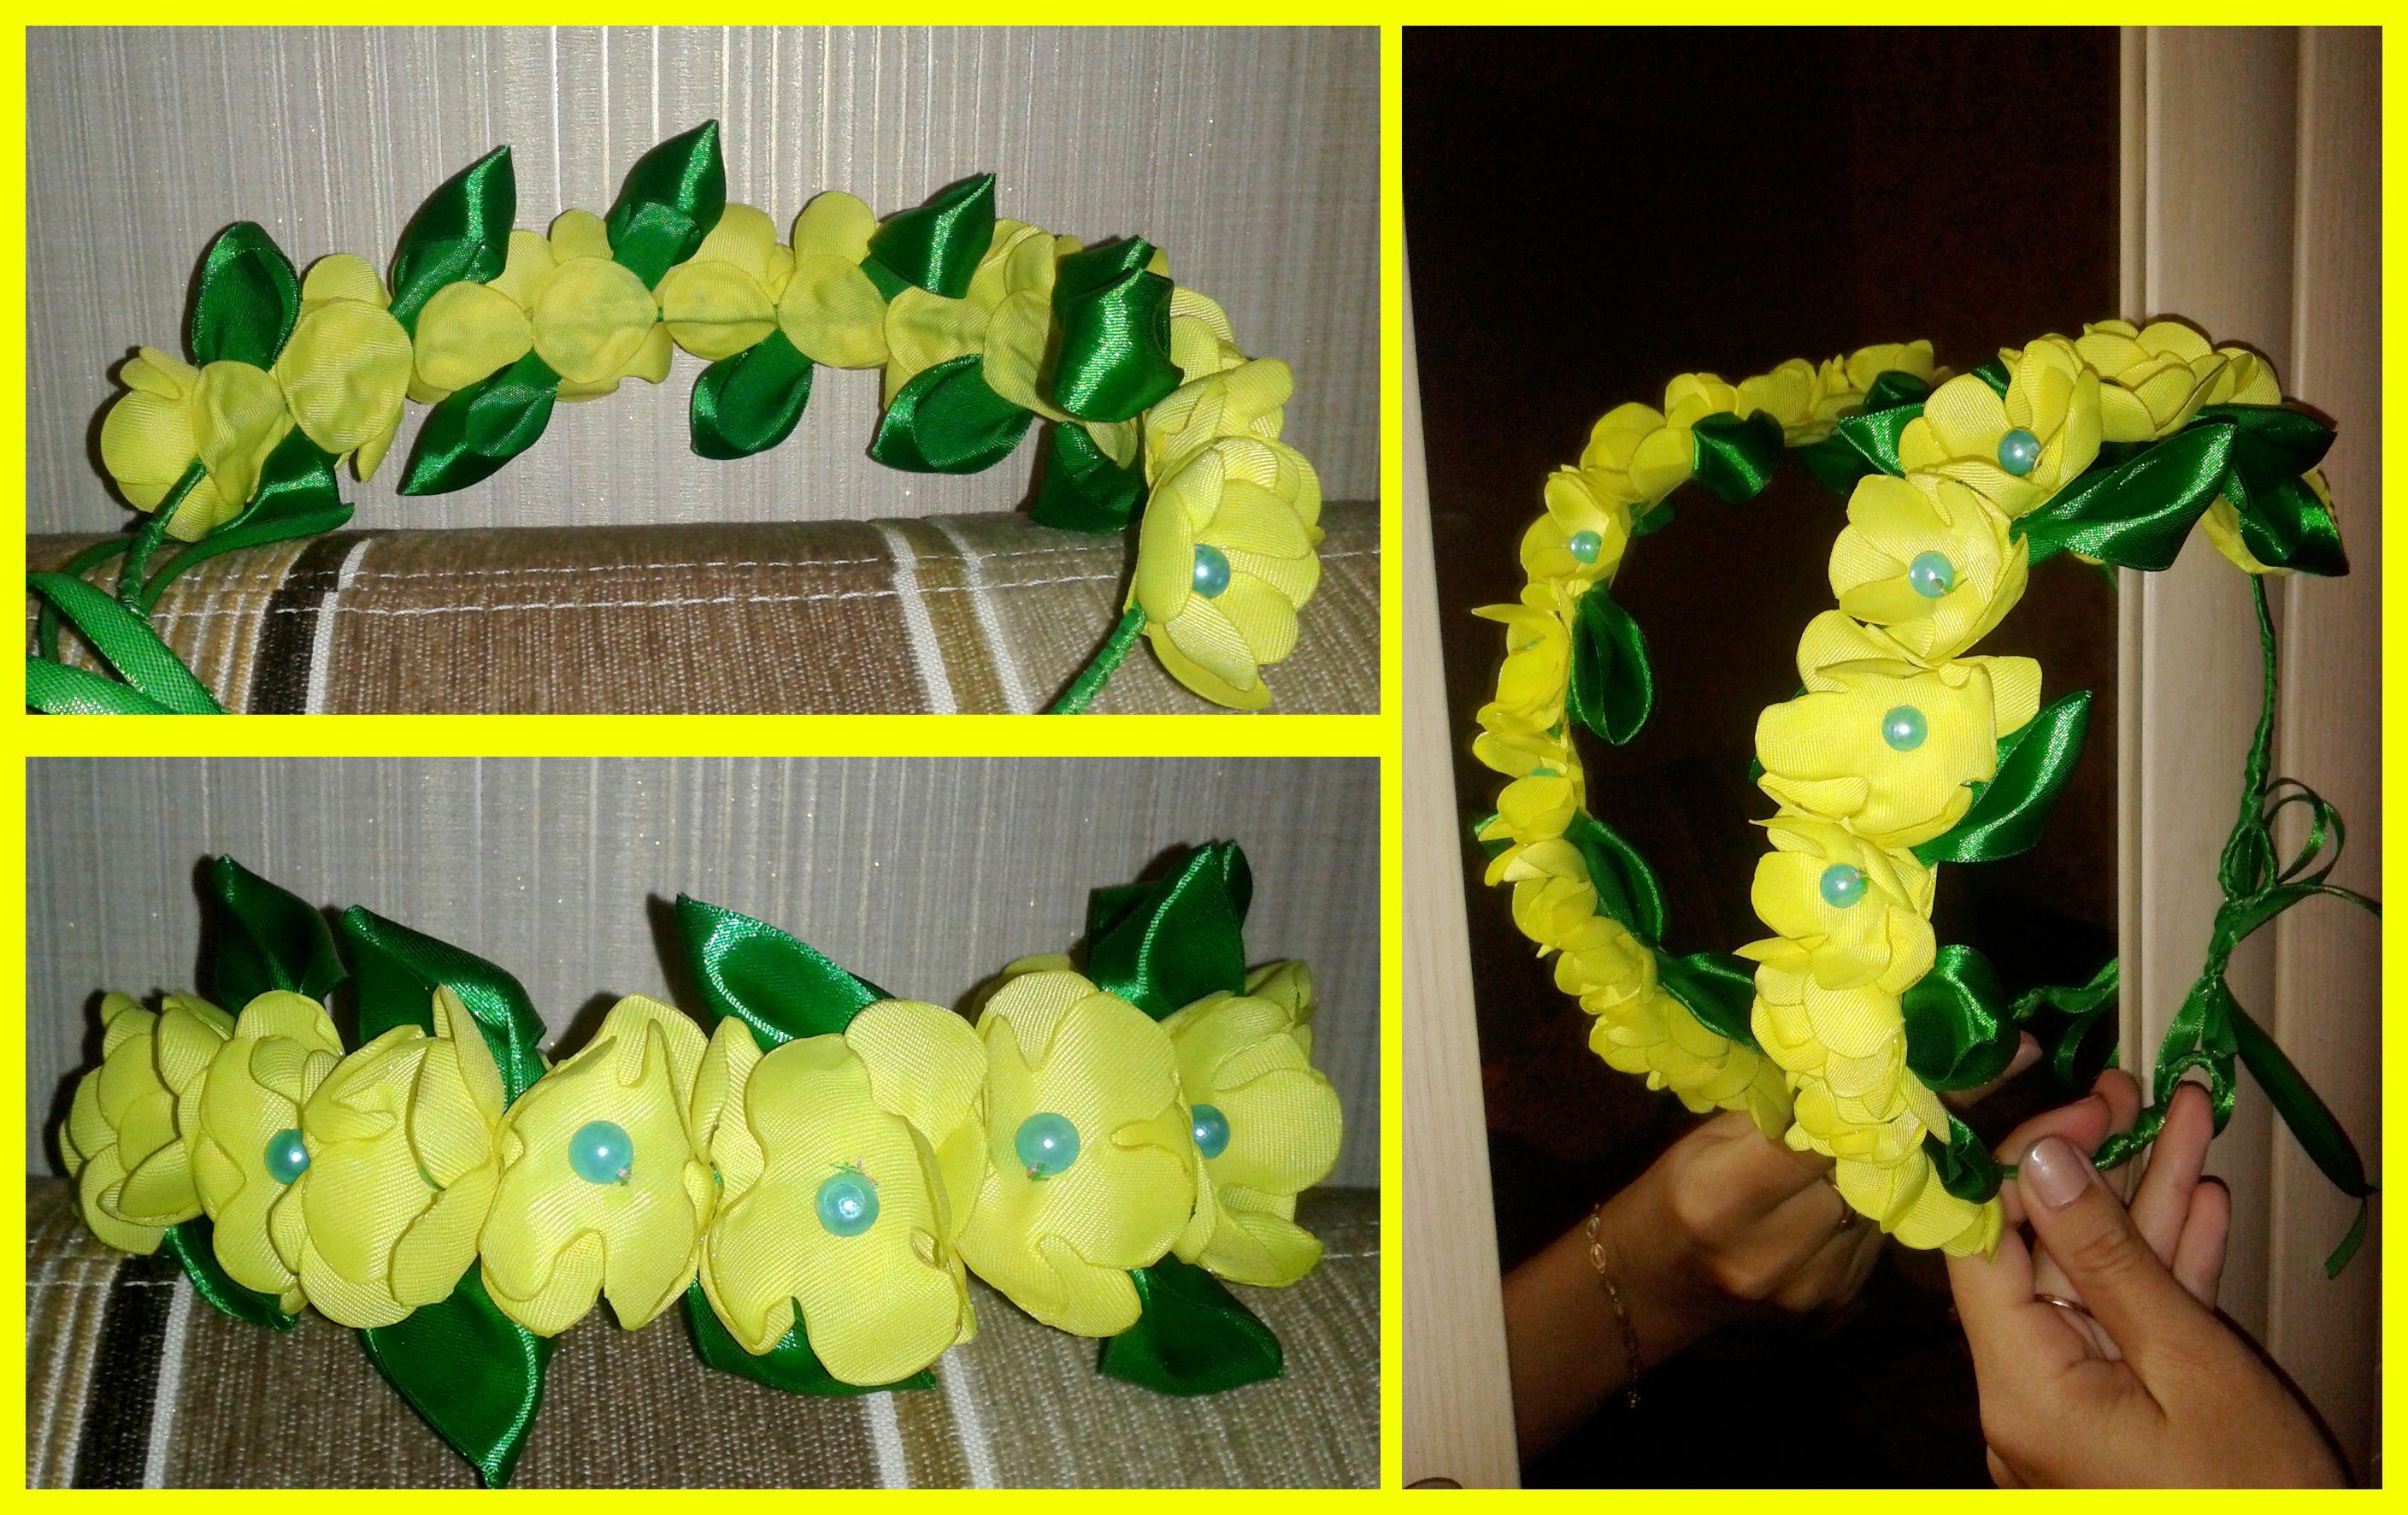 красивый бусины нежный желтый ткань венок цветы яркий